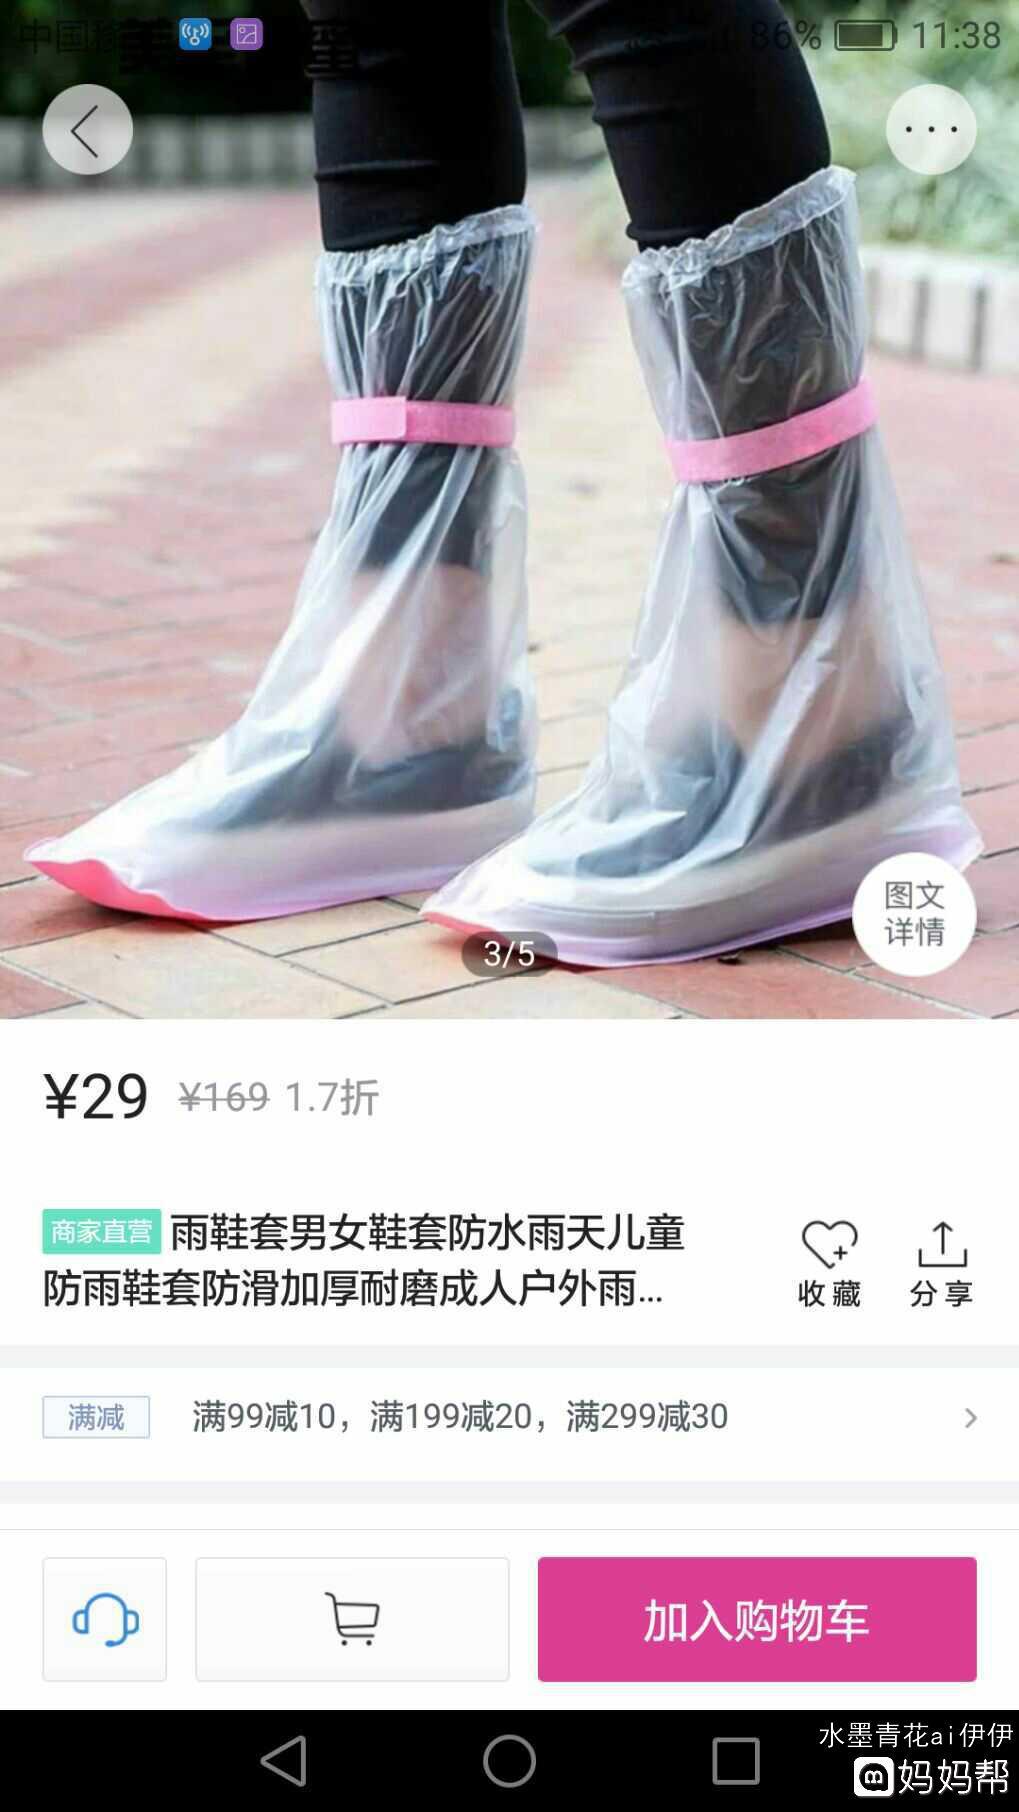 鞋套裁剪步骤图